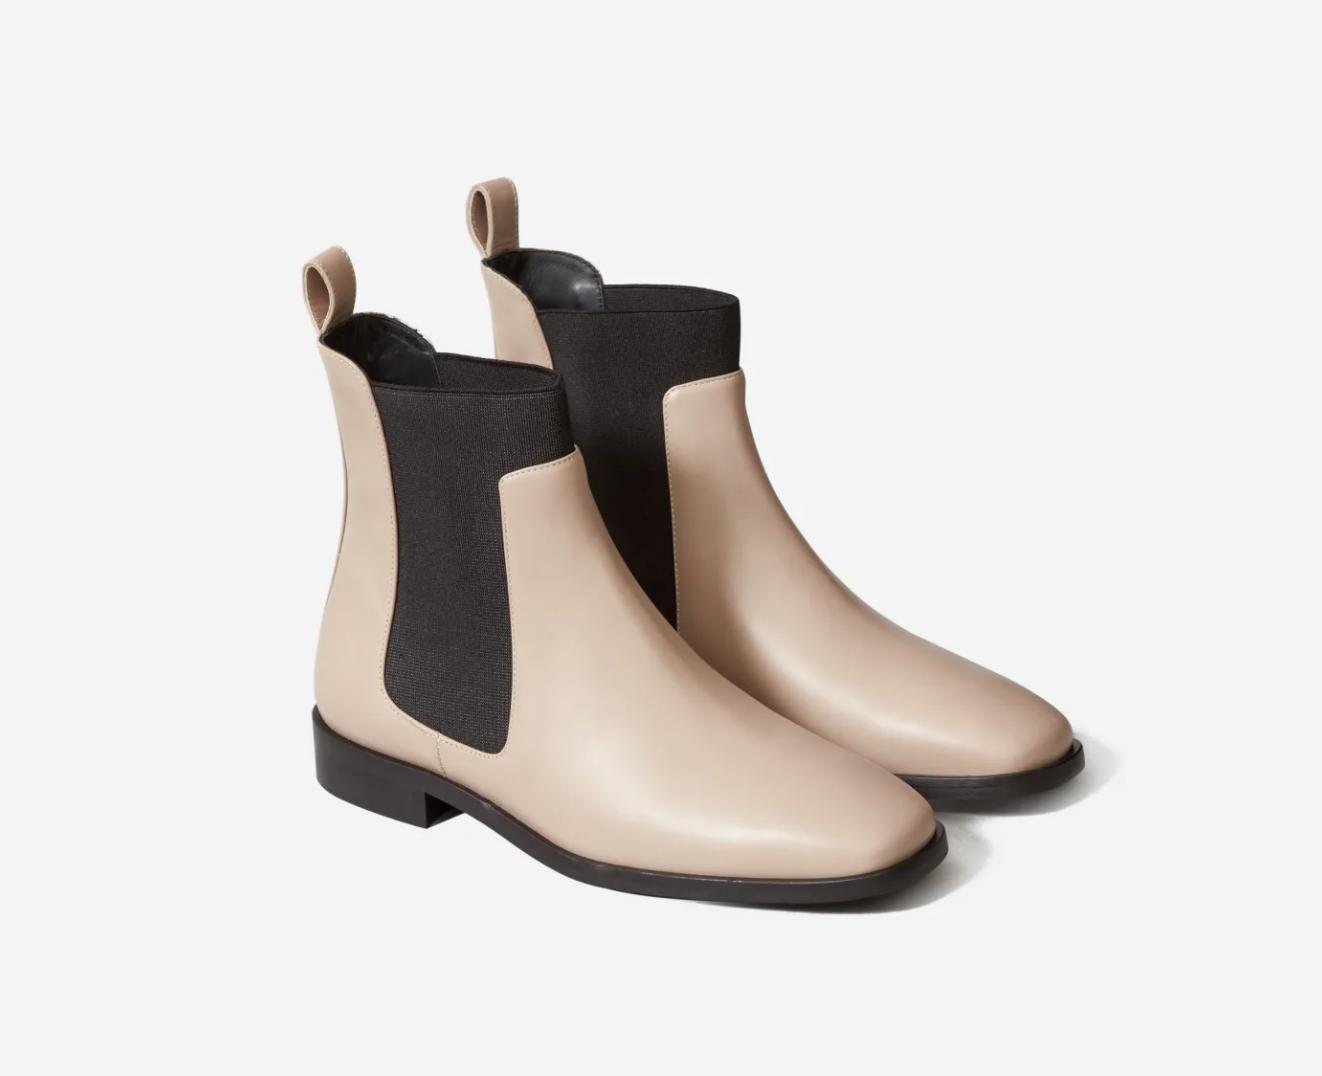 Everlane Italian leather square toe Chelsea boot